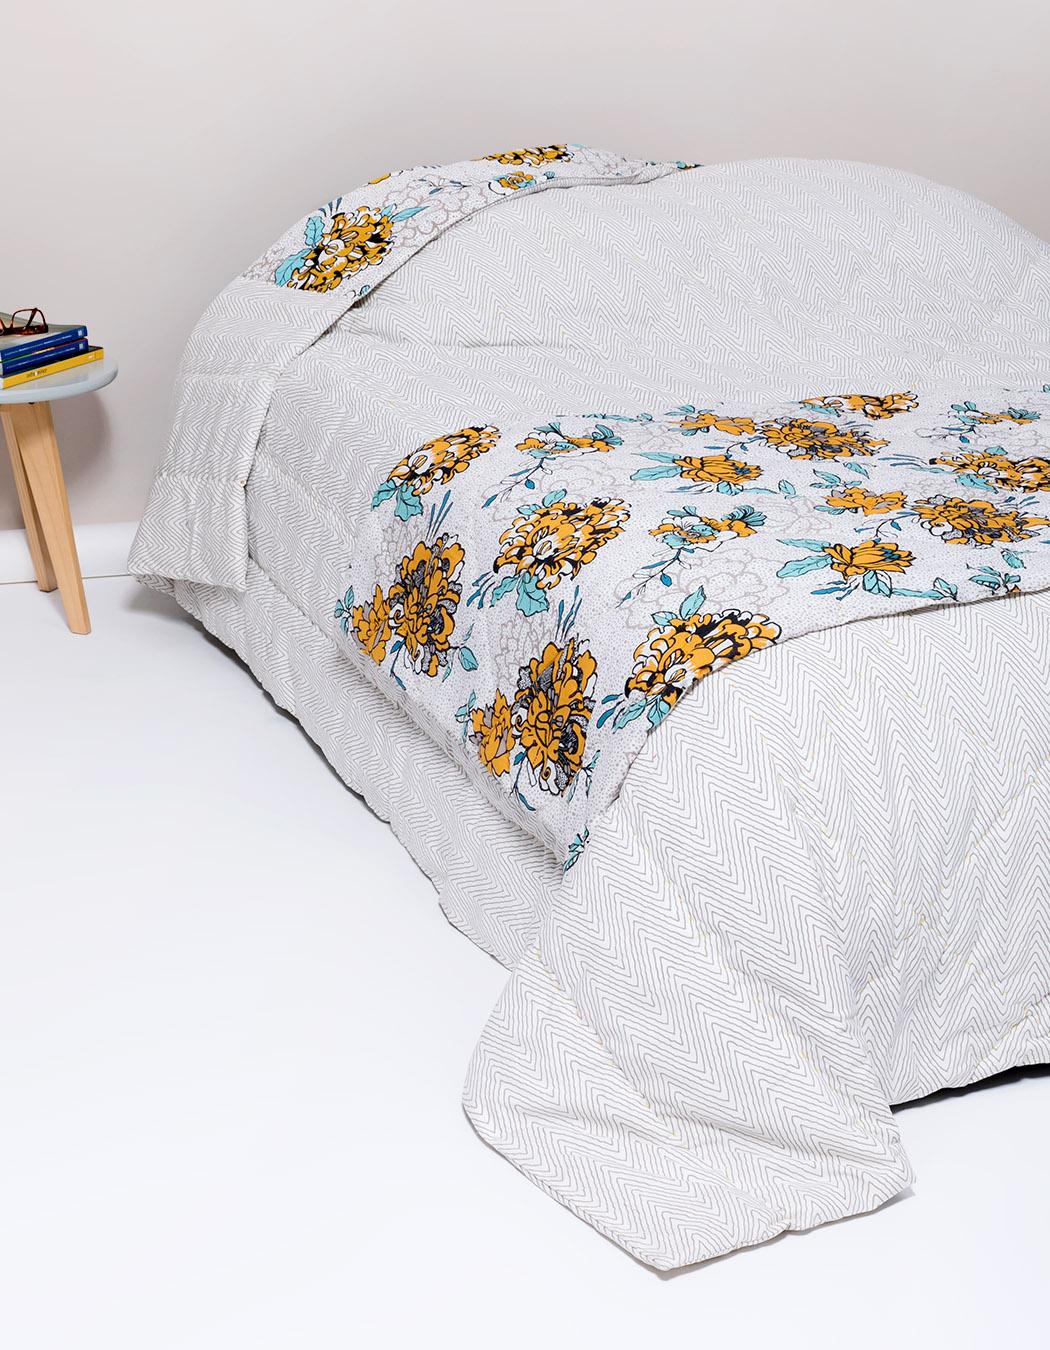 Chemin de lit en coton gres 80 x 200